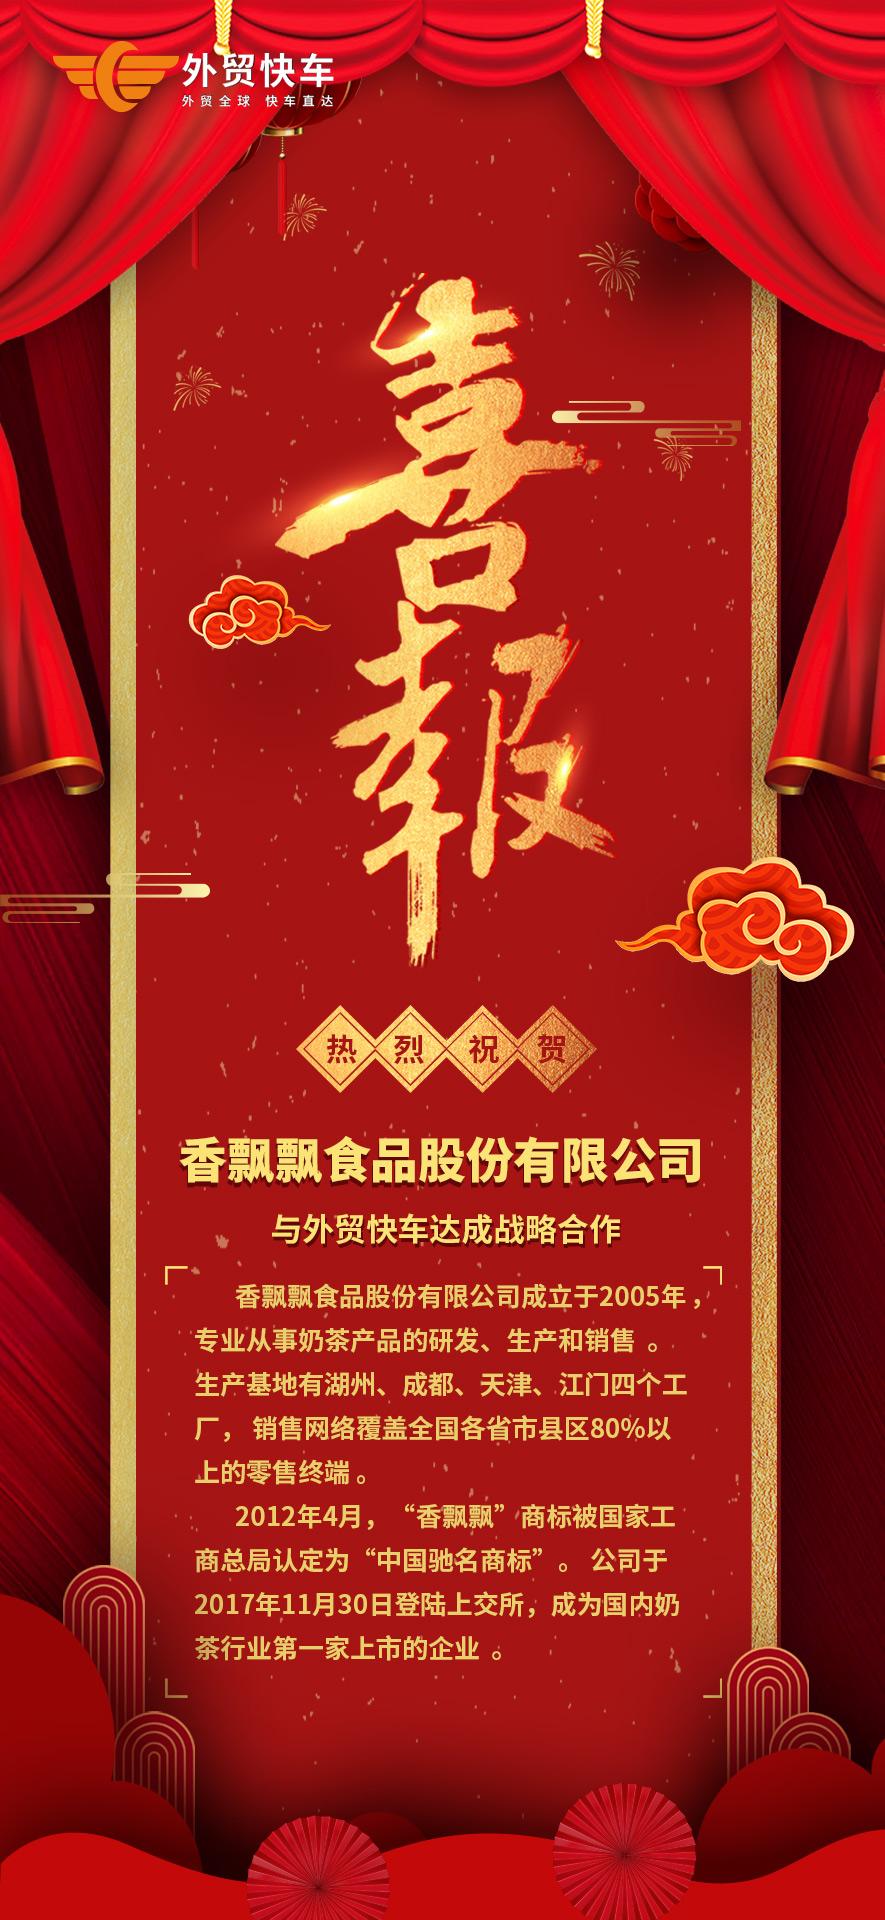 热烈庆祝香飘飘食品股份有限公司与外贸快车达成战略合作!